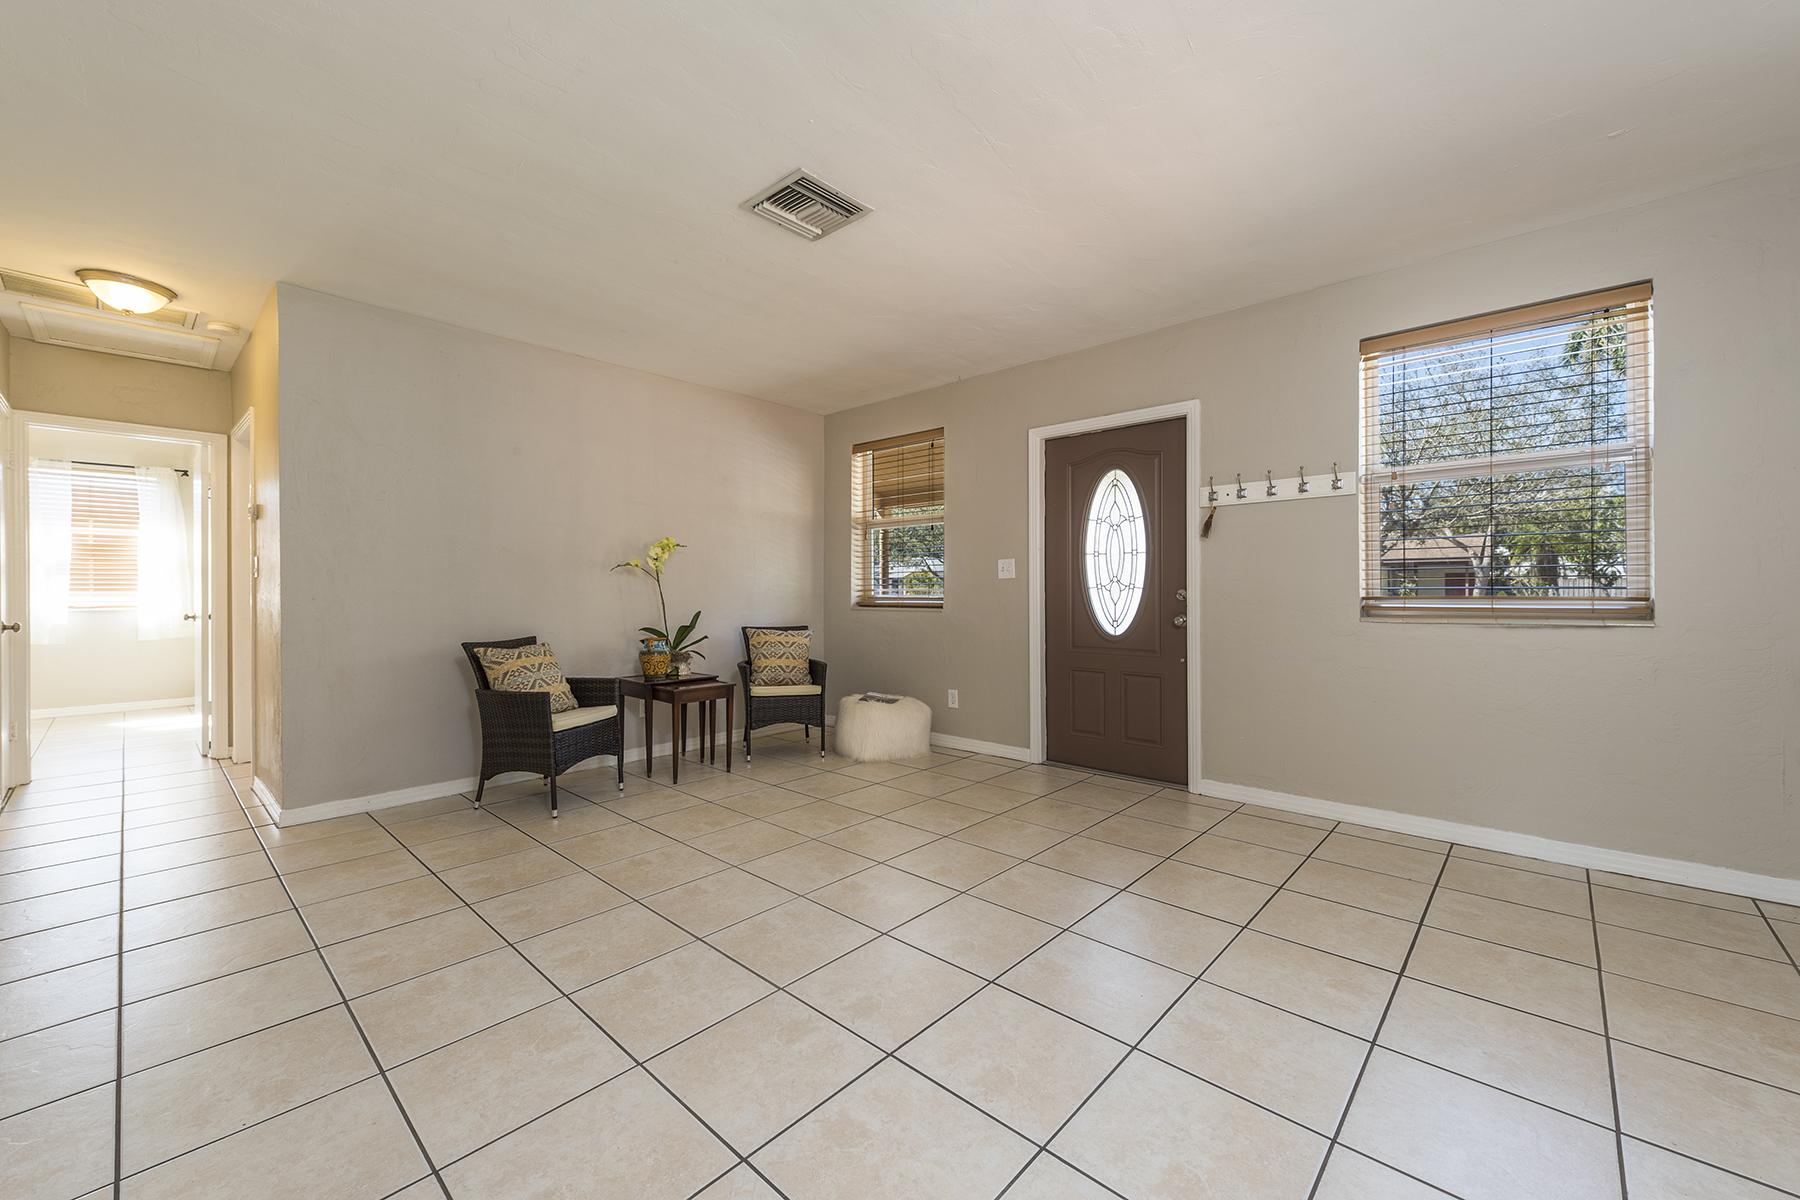 Частный односемейный дом для того Продажа на LAKE PARK 970 10th St N Naples, Флорида, 34102 Соединенные Штаты